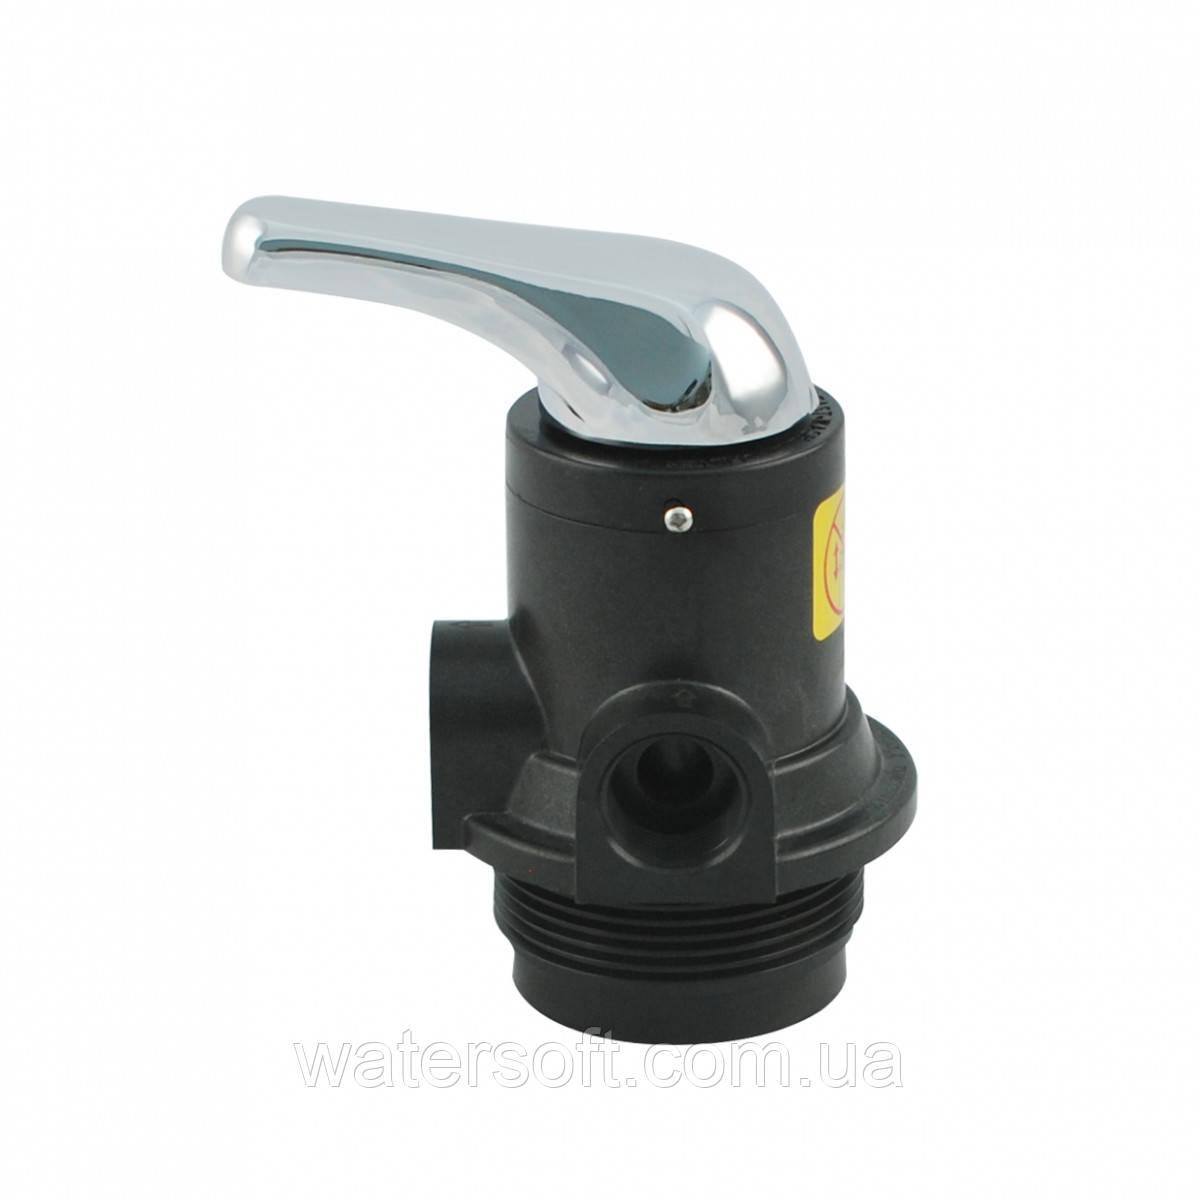 Клапан ручной RUNXIN F56Е для фильтрации